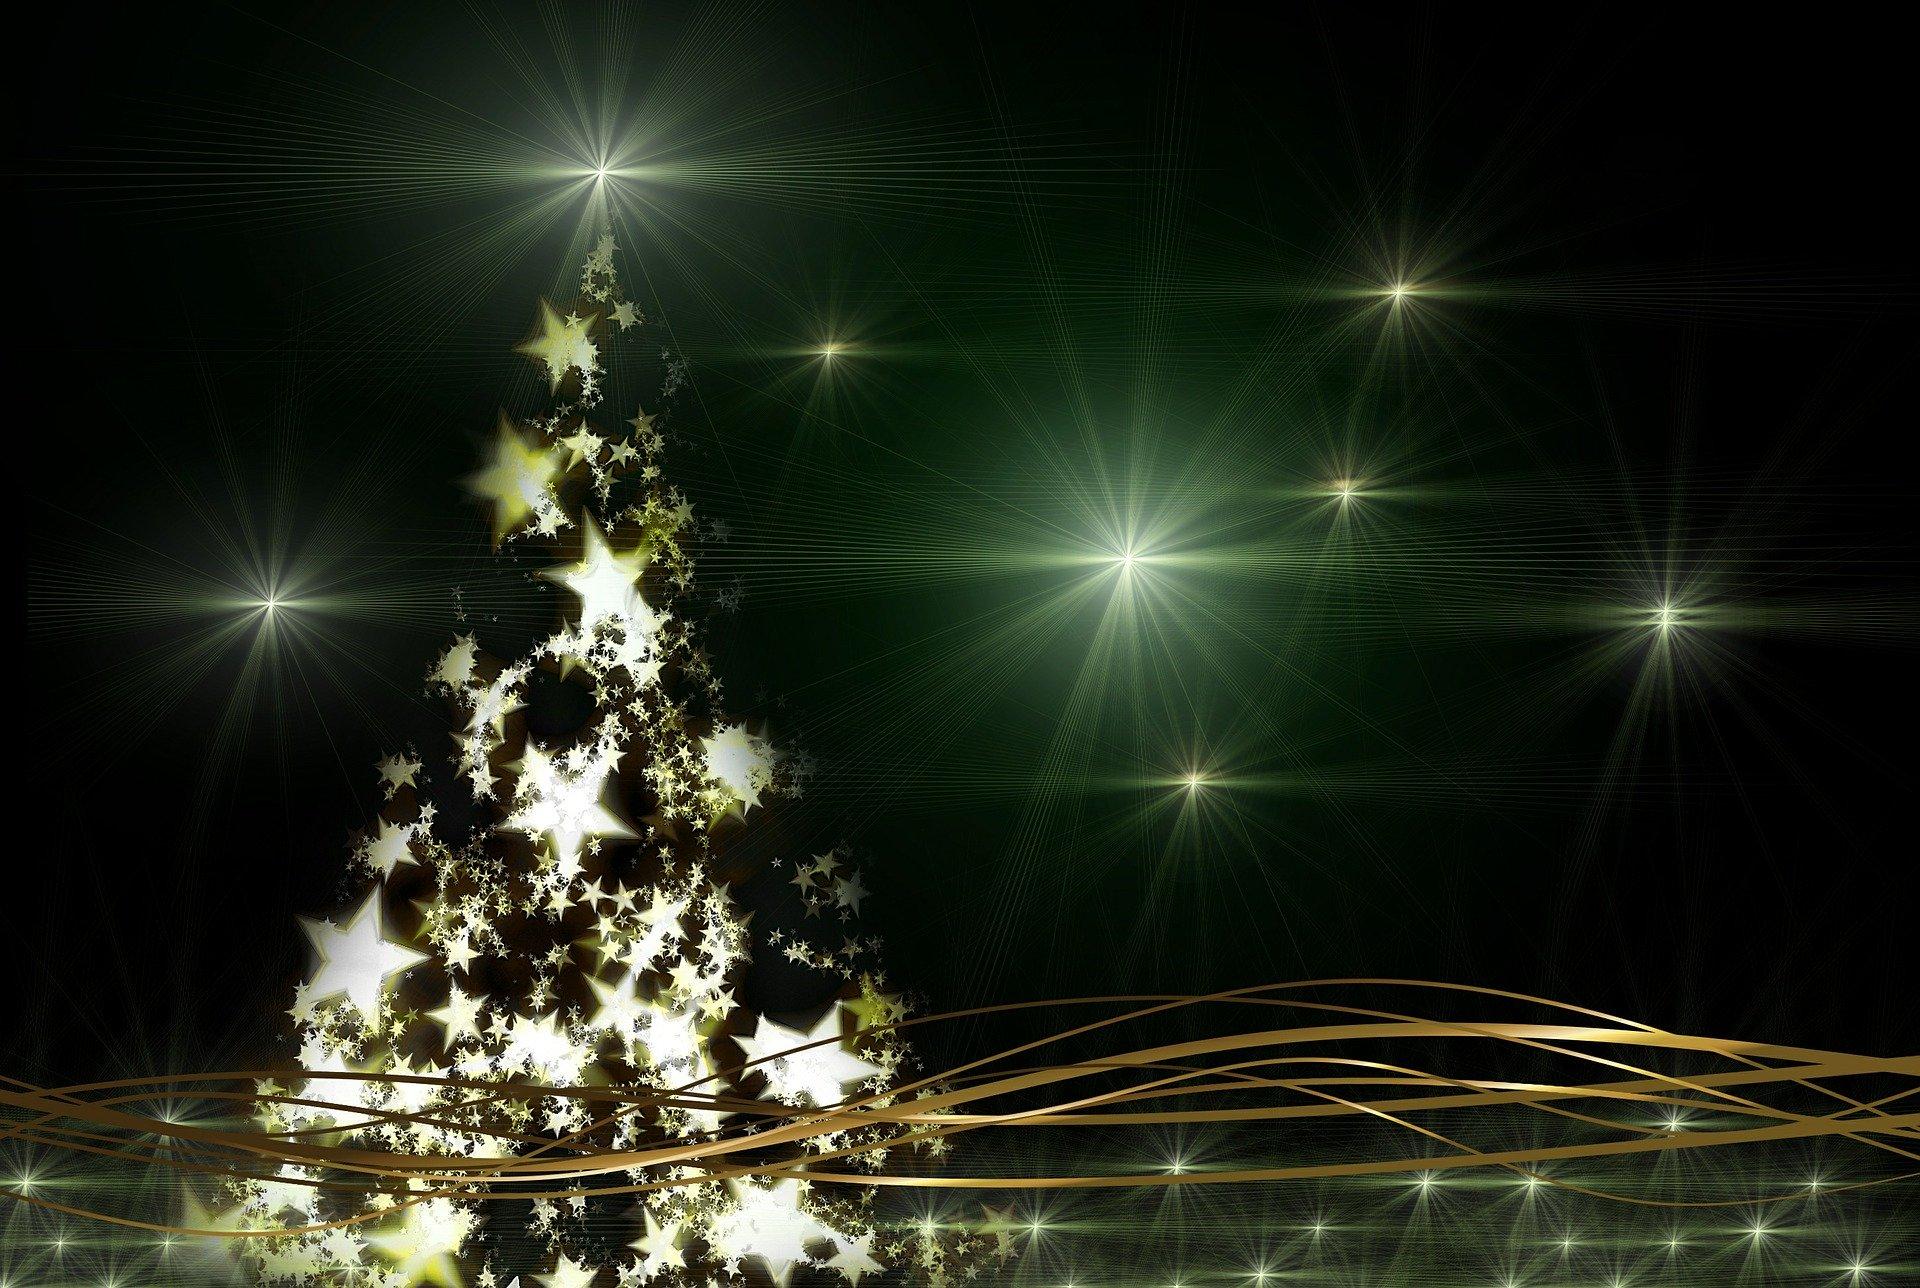 ein weihnachtsbaum f r deinen erfolg antje bach. Black Bedroom Furniture Sets. Home Design Ideas